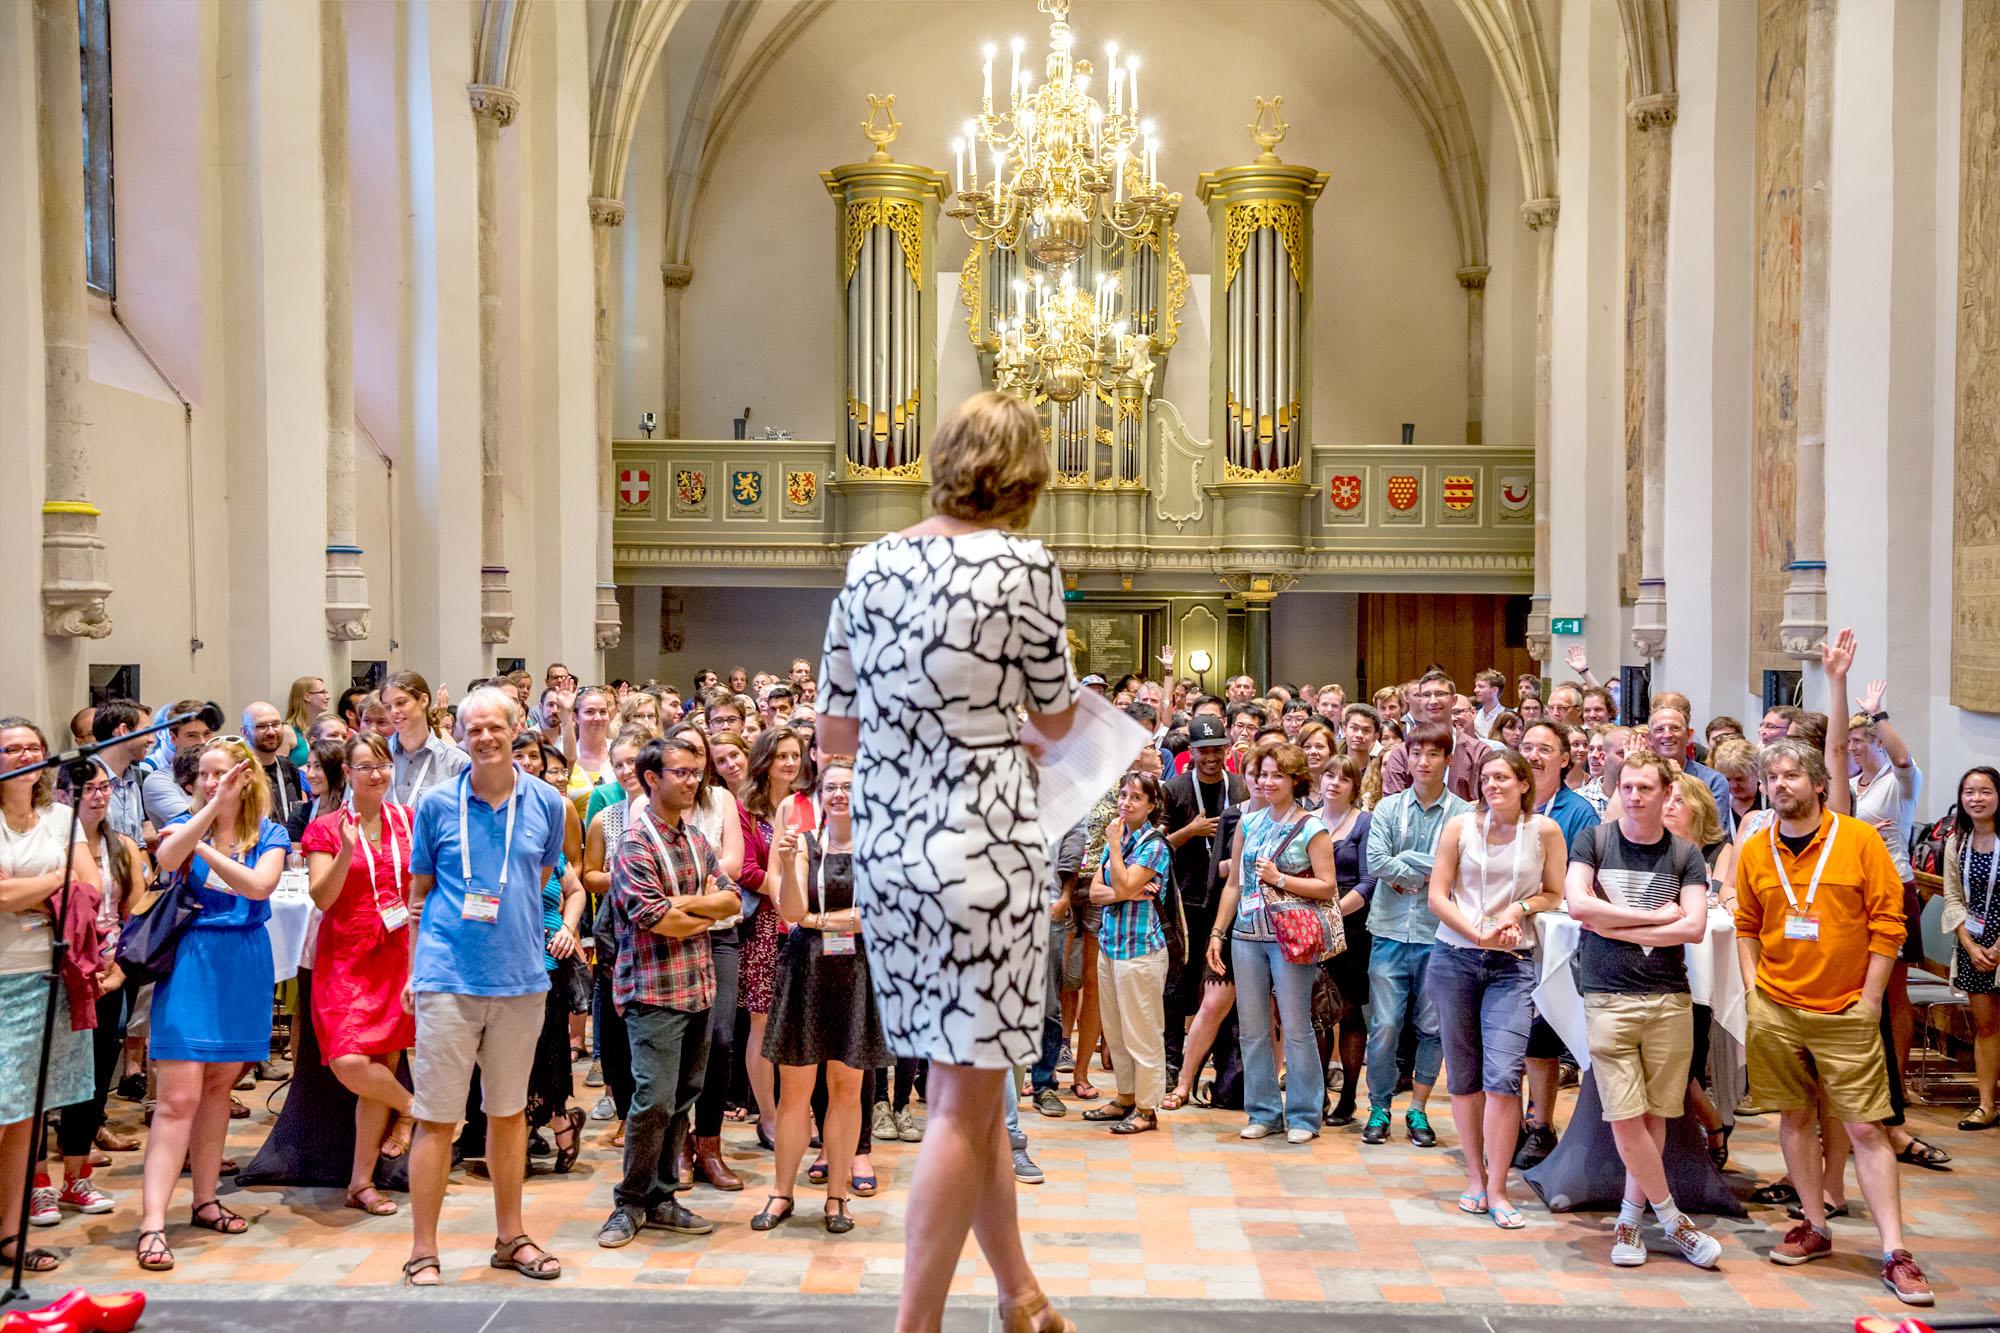 BFoto Fotograaf Utrecht evenementfotograaf